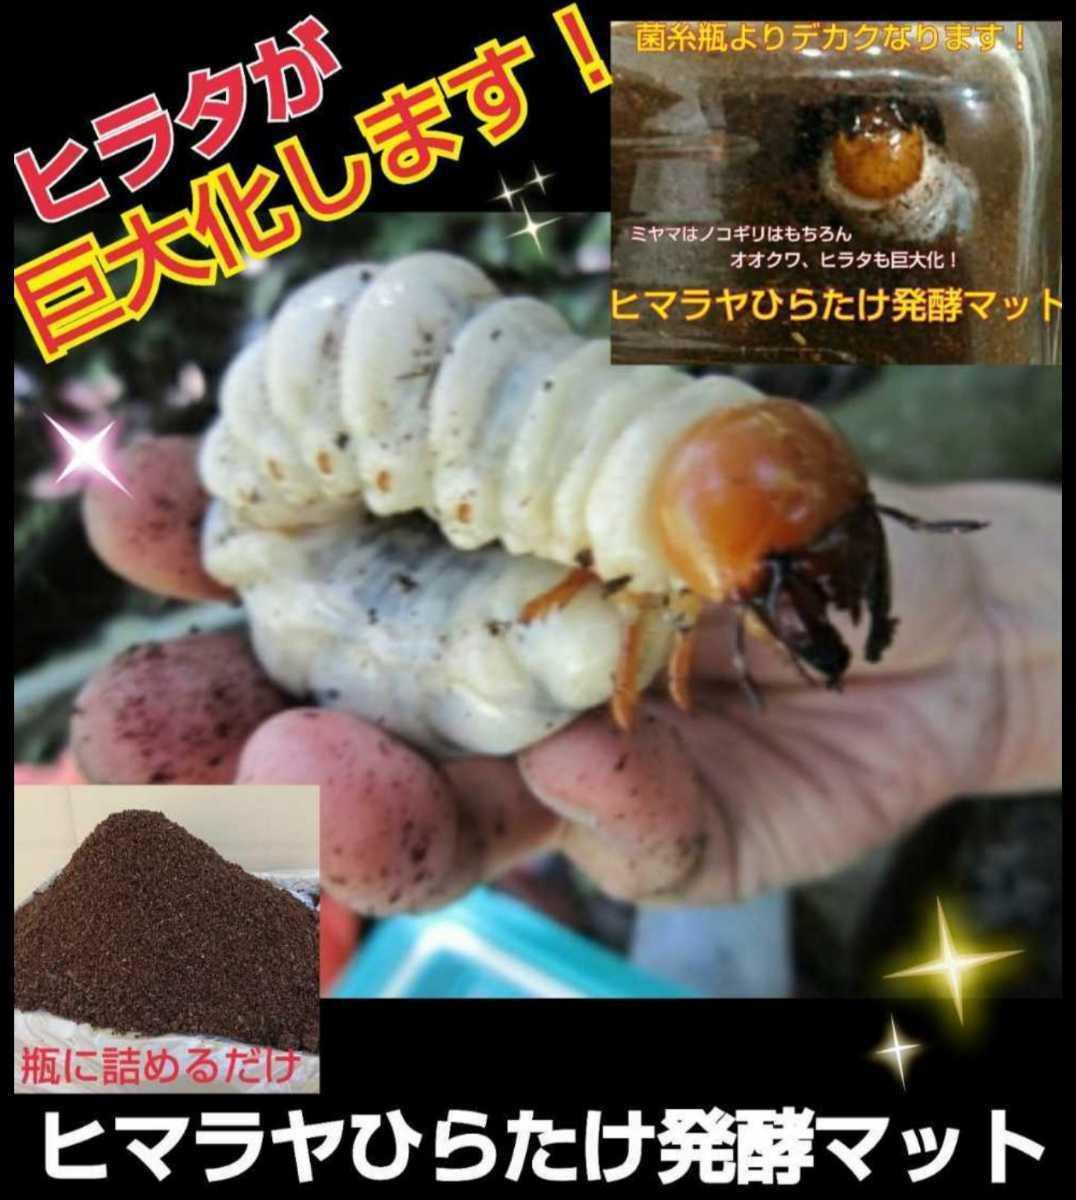 ミヤマクワガタやノコギリクワガタがビックサイズに!ヒマラヤひらたけ発酵マット!栄養価抜群!クヌギ100%原料 幼虫の餌、産卵マットに!_画像8